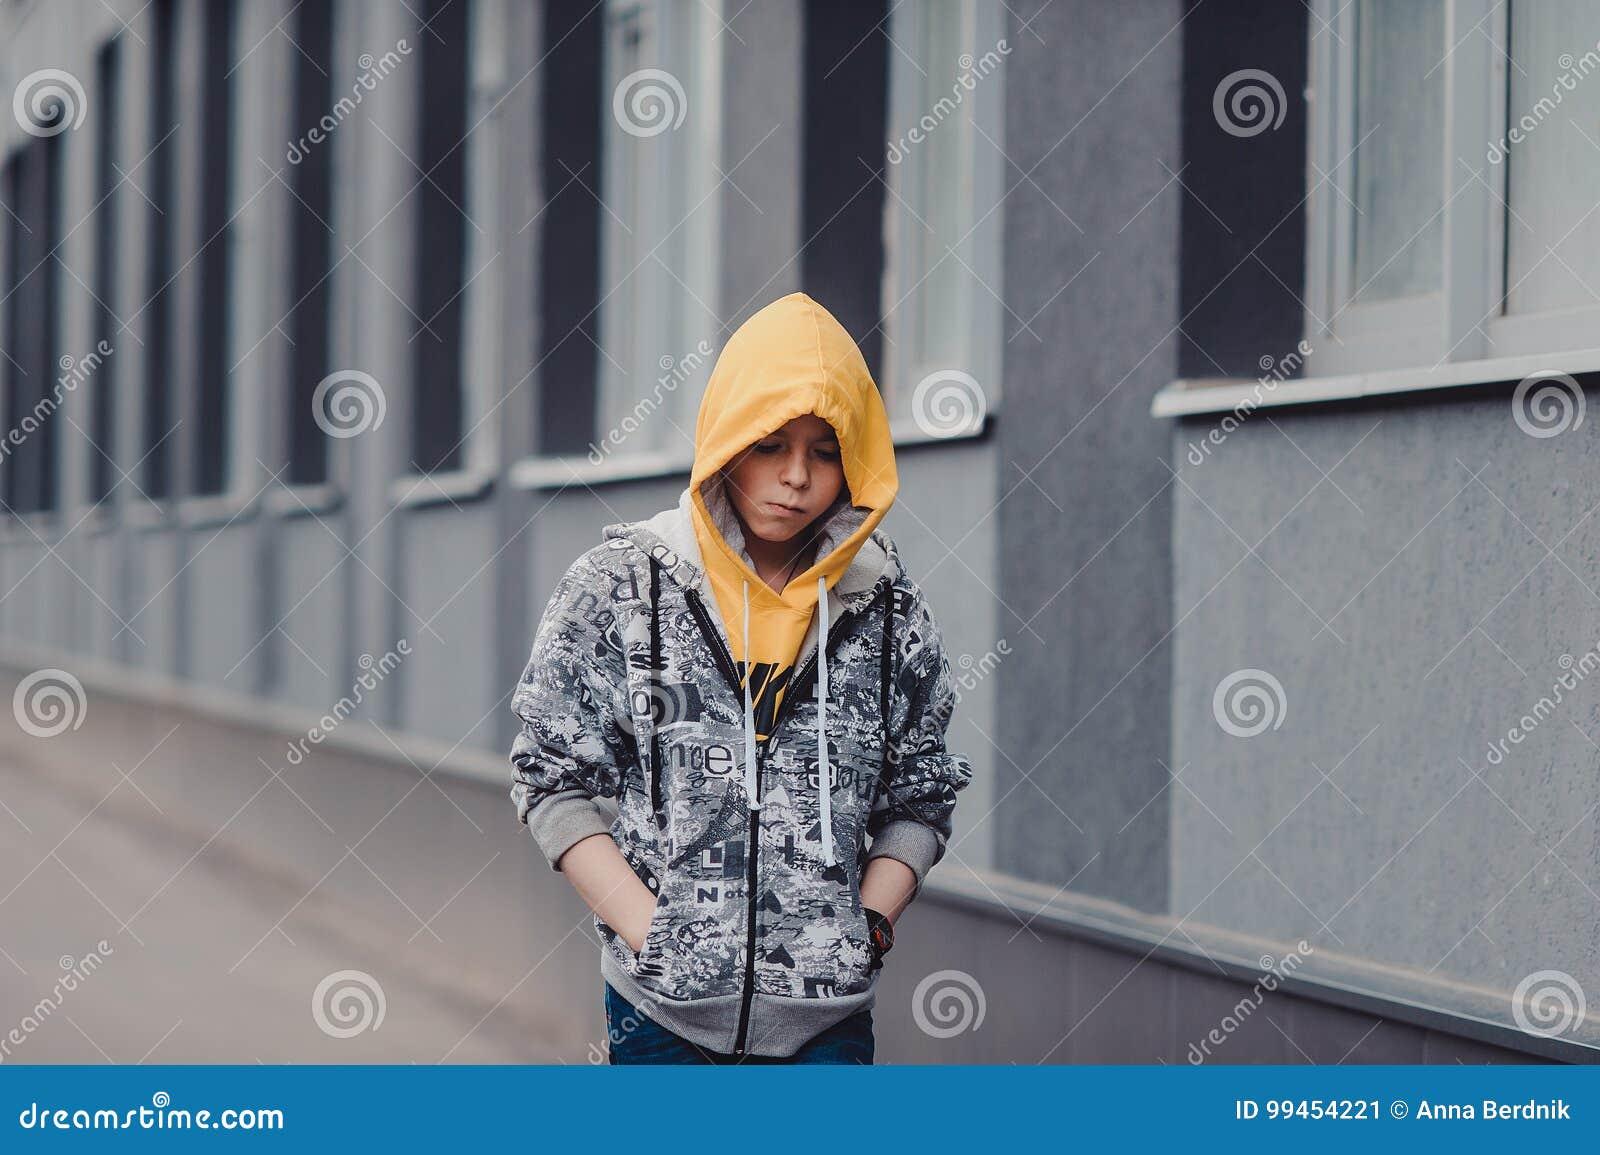 Pre-tonårig pojke på en gata i en storstad bredvid ett höghus bara